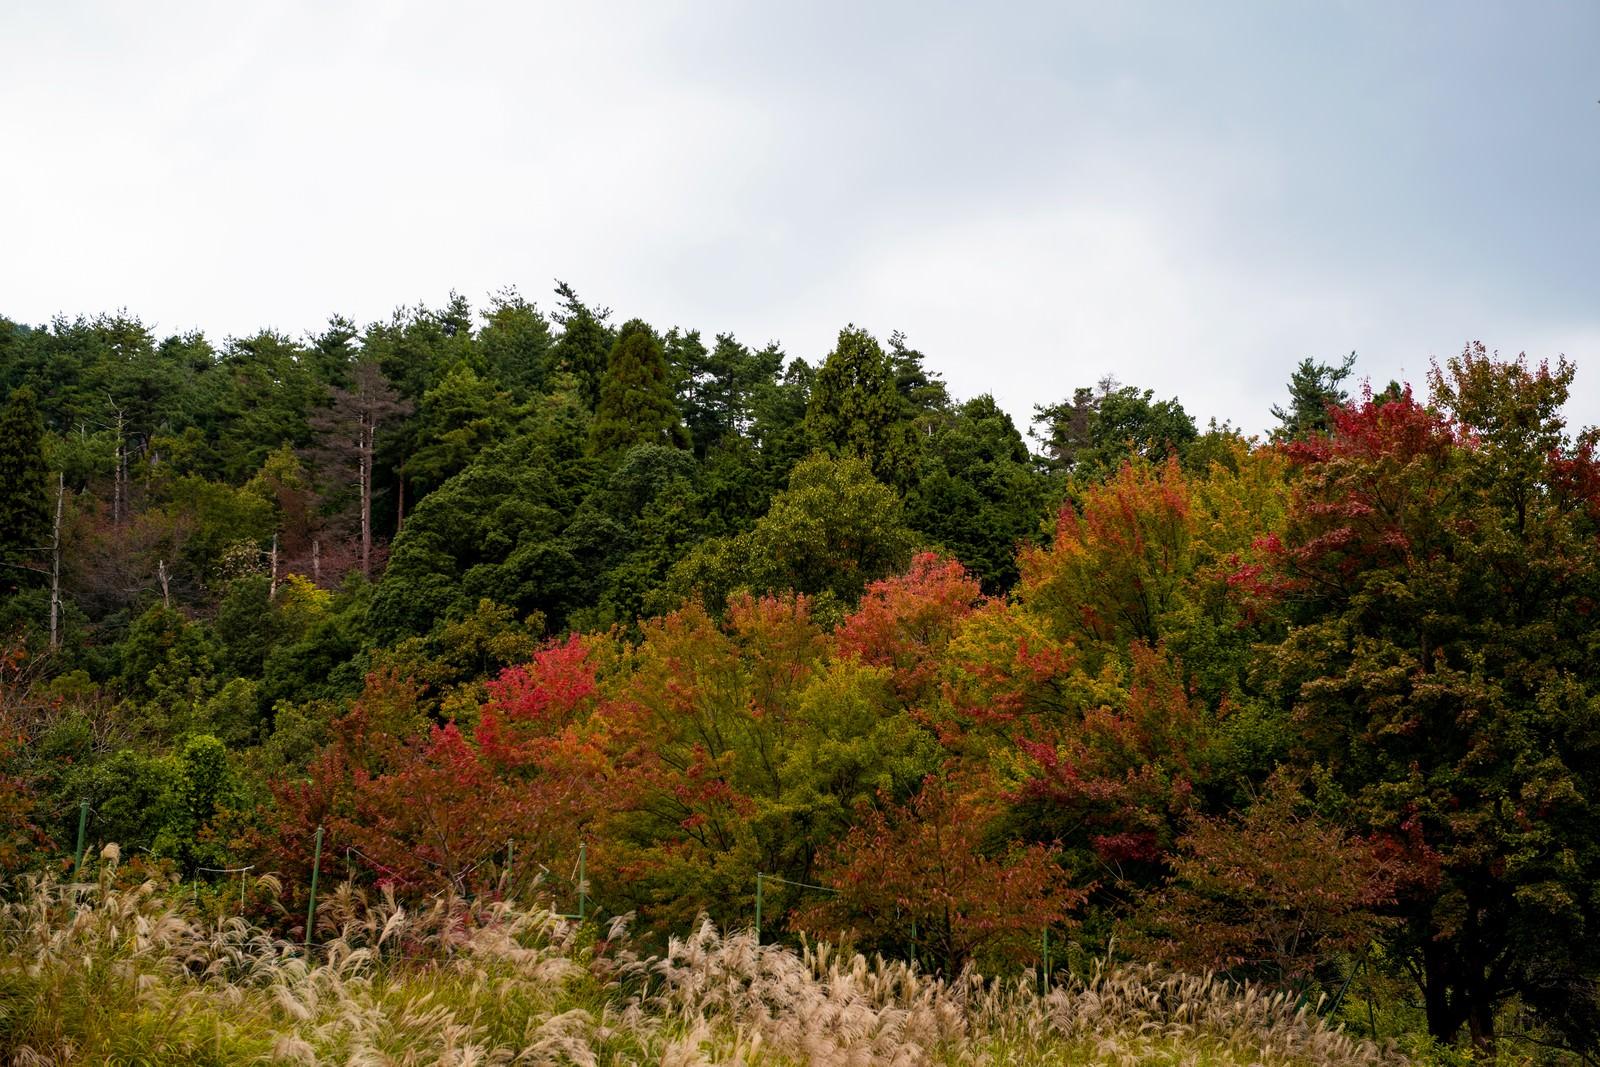 「紅葉し始めた木々とすすき紅葉し始めた木々とすすき」のフリー写真素材を拡大